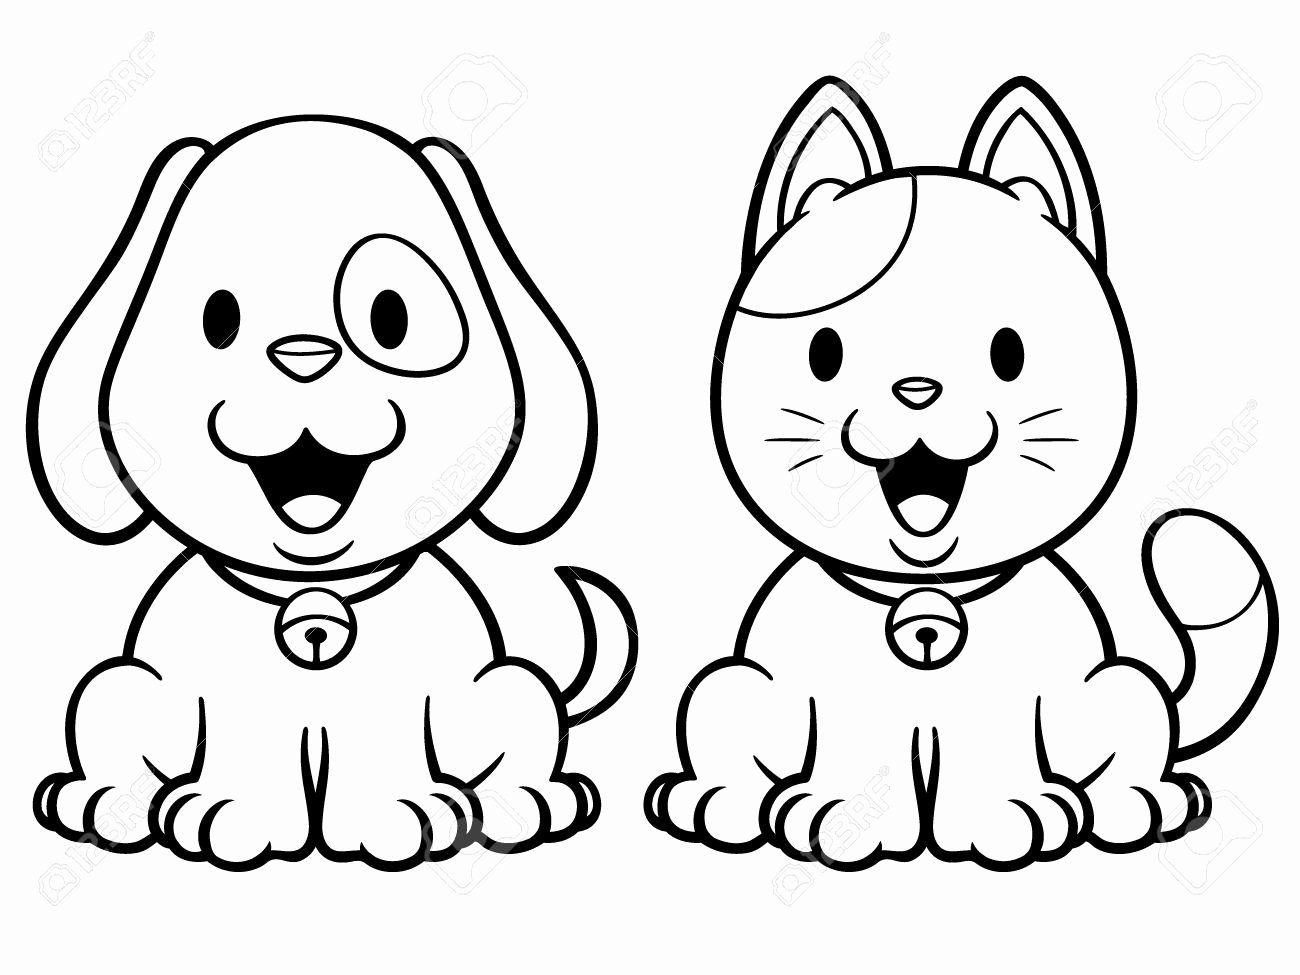 Cartoon Dog Coloring Page Unique Cartoon Dogs And Cats Cat Coloring Book Dog Coloring Page Dog Coloring Book